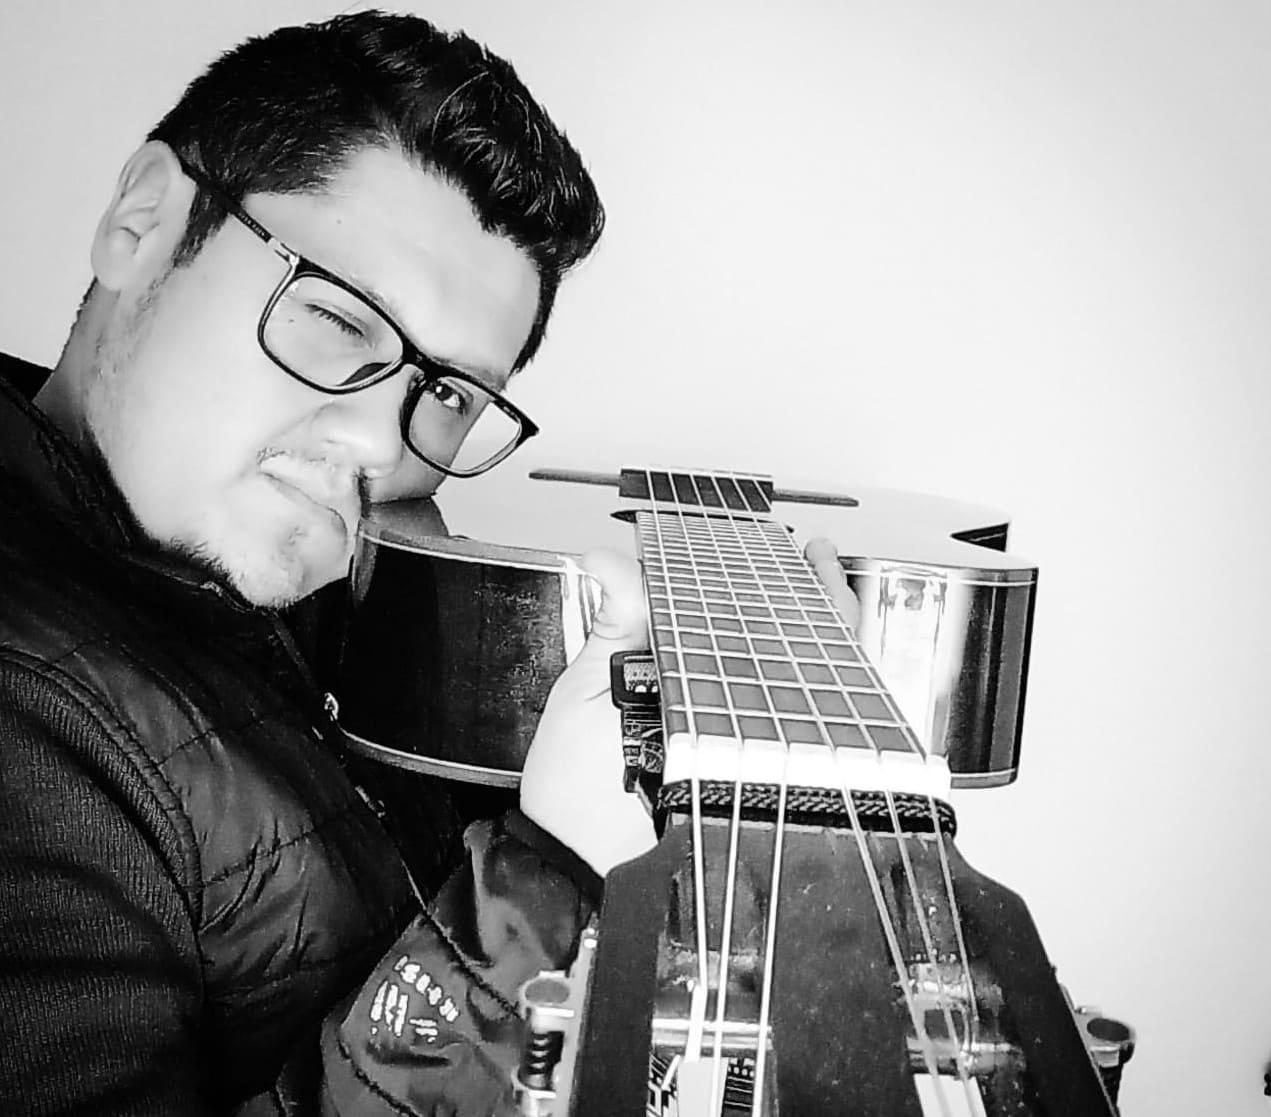 El ecuatoriano Ray Nandez llega a la semifinal del concurso International Songwriting Competition entre 26000 músicos participantes